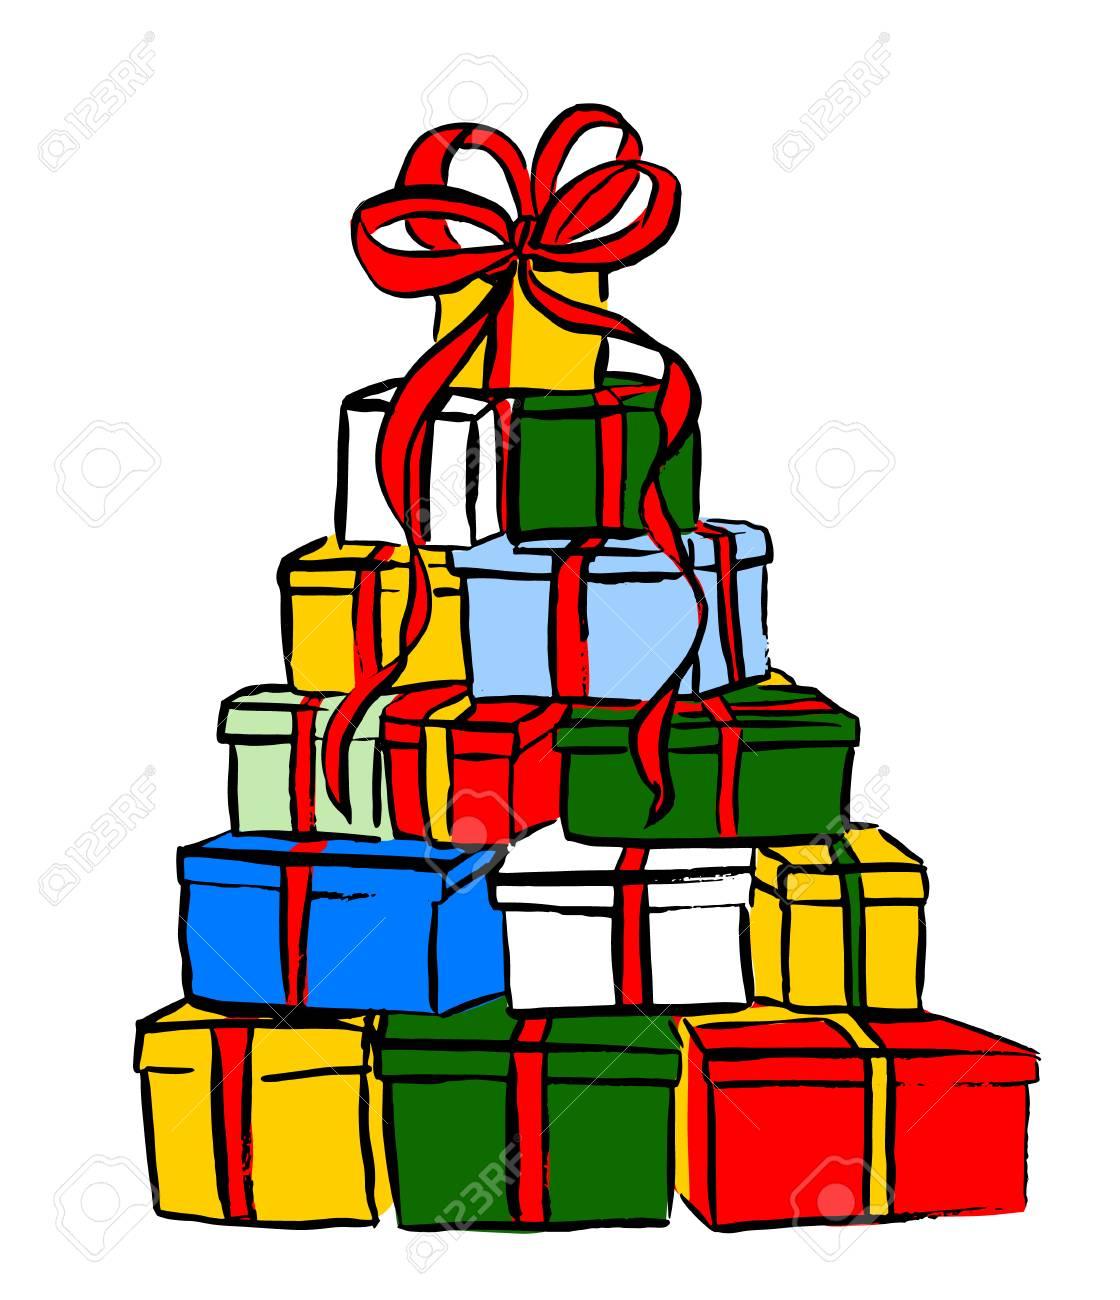 Pile De Cadeaux De Noël. Esquisse à L'encre Isolée N Blanc. Clipart Clip Art Libres De Droits , Vecteurs Et Illustration. Image 49590145.